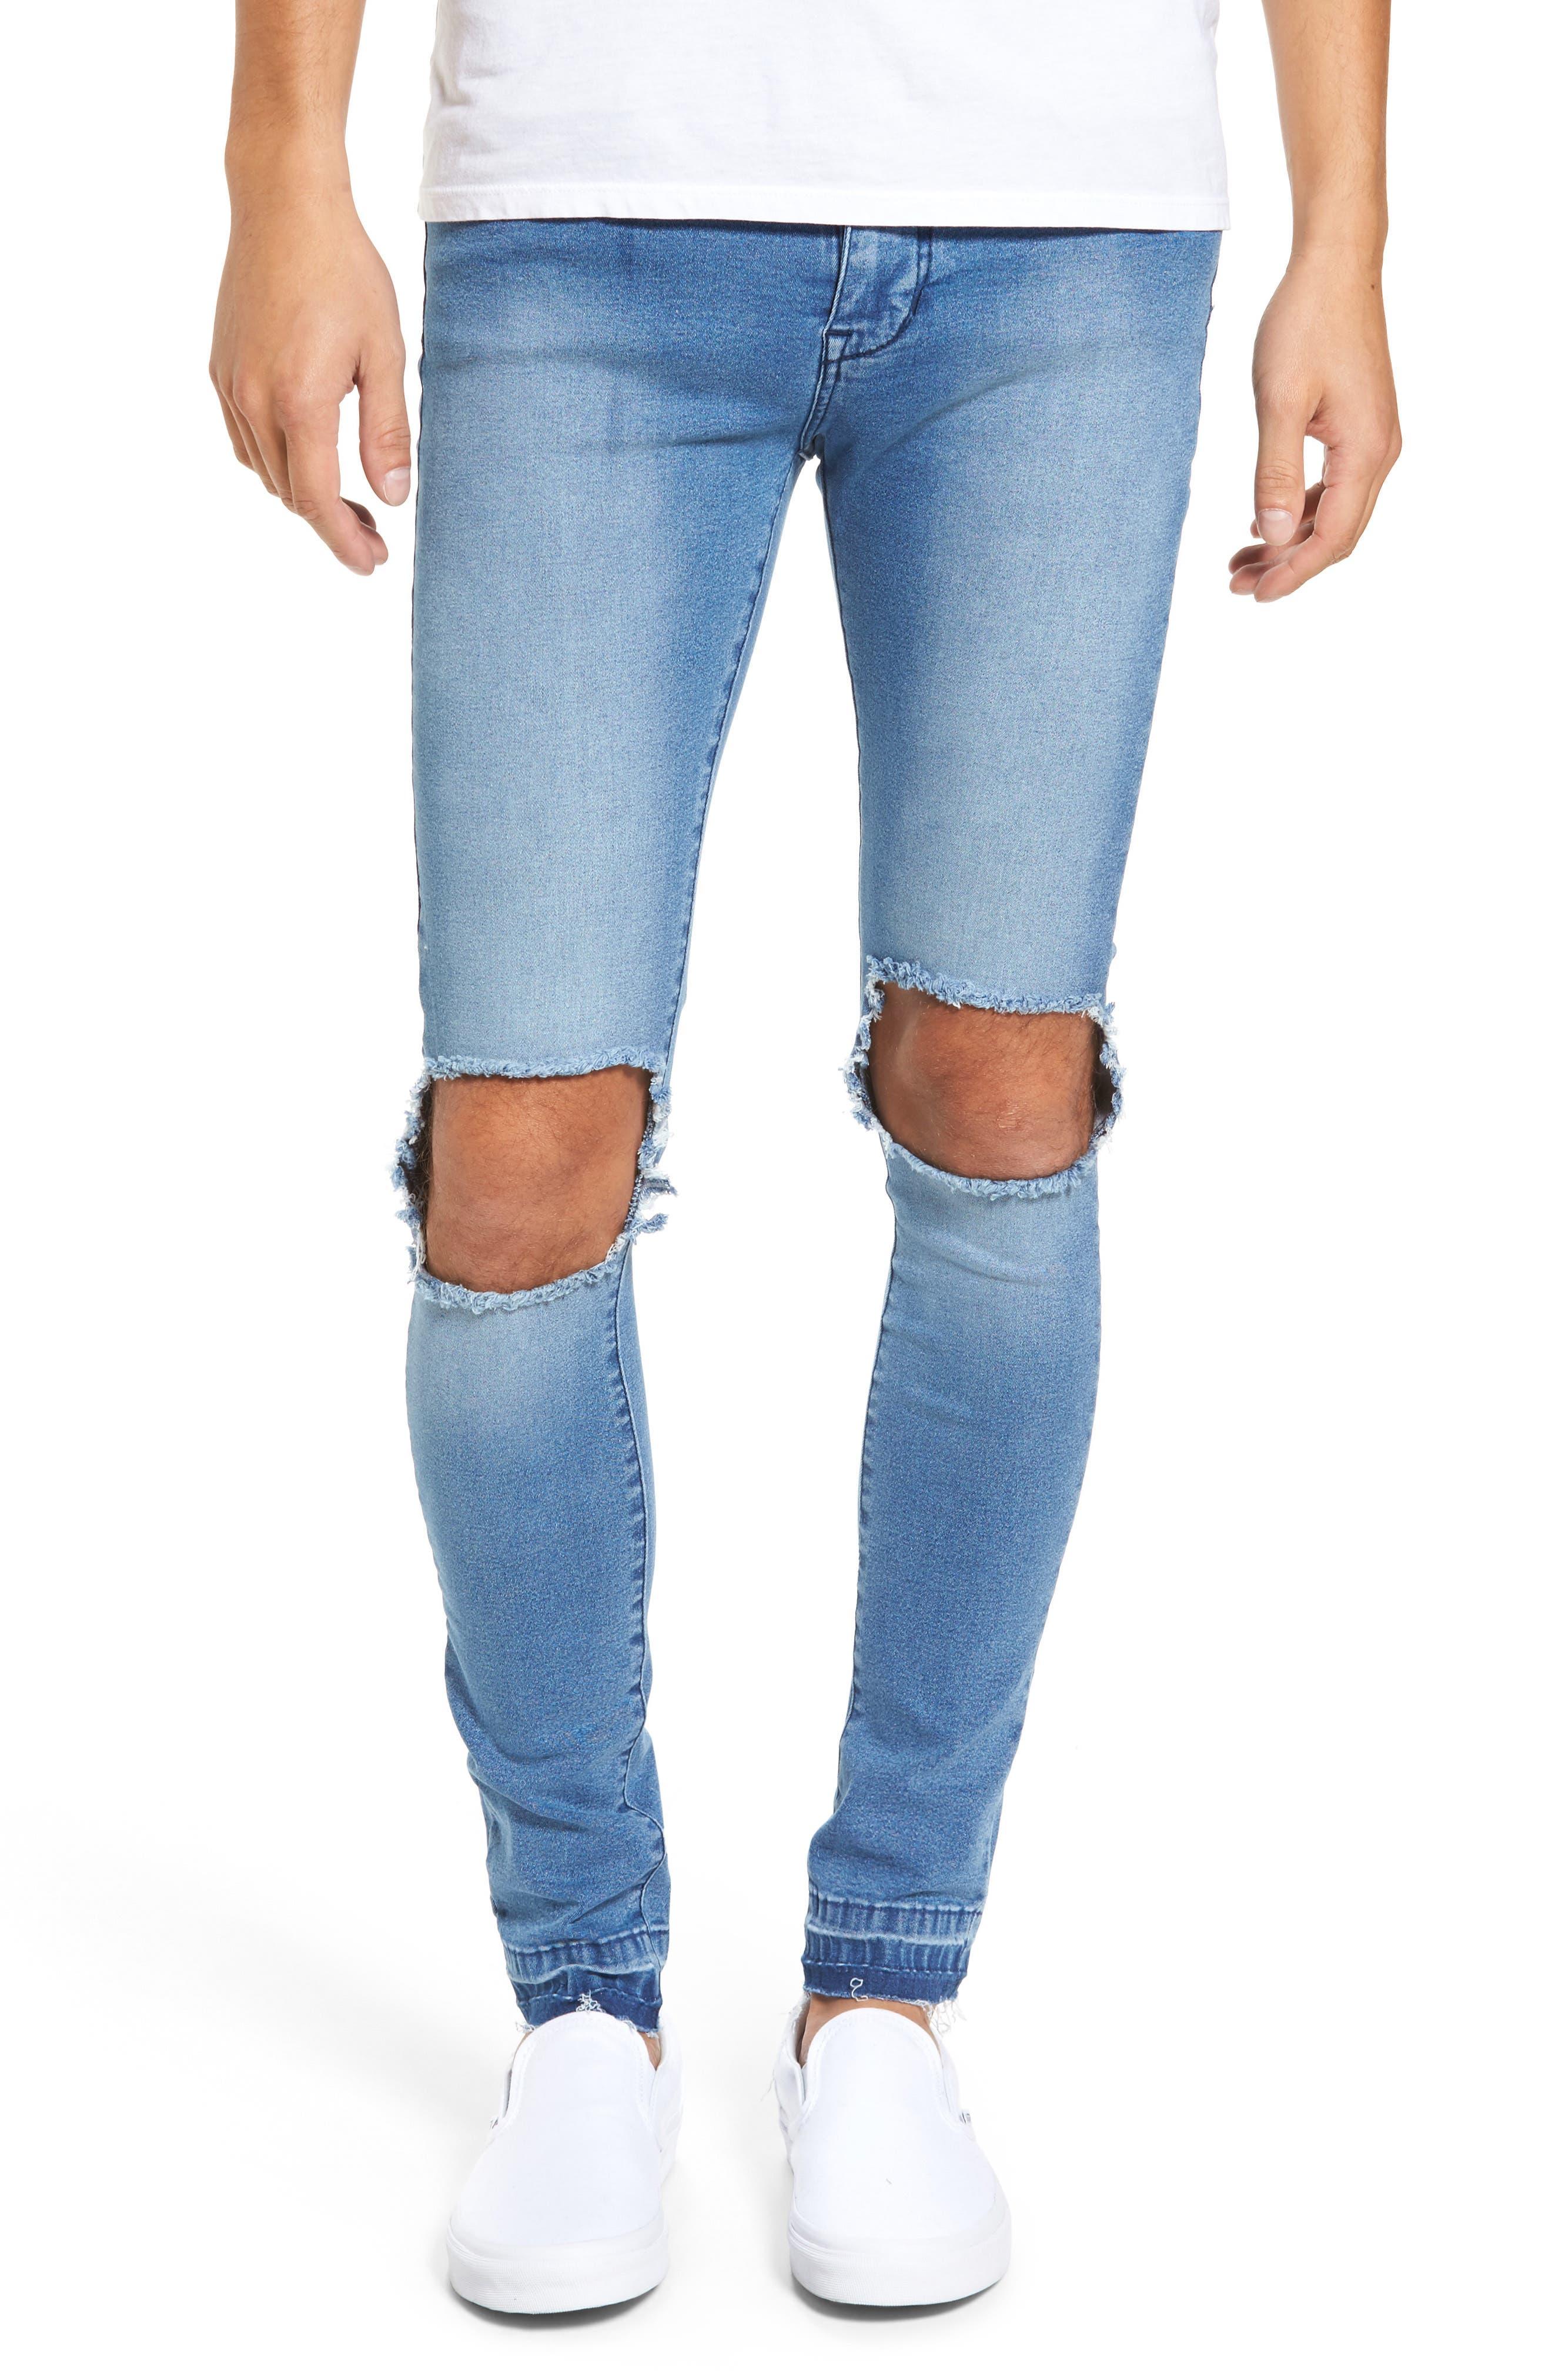 Leroy Slim Fit Jeans,                             Main thumbnail 1, color,                             400